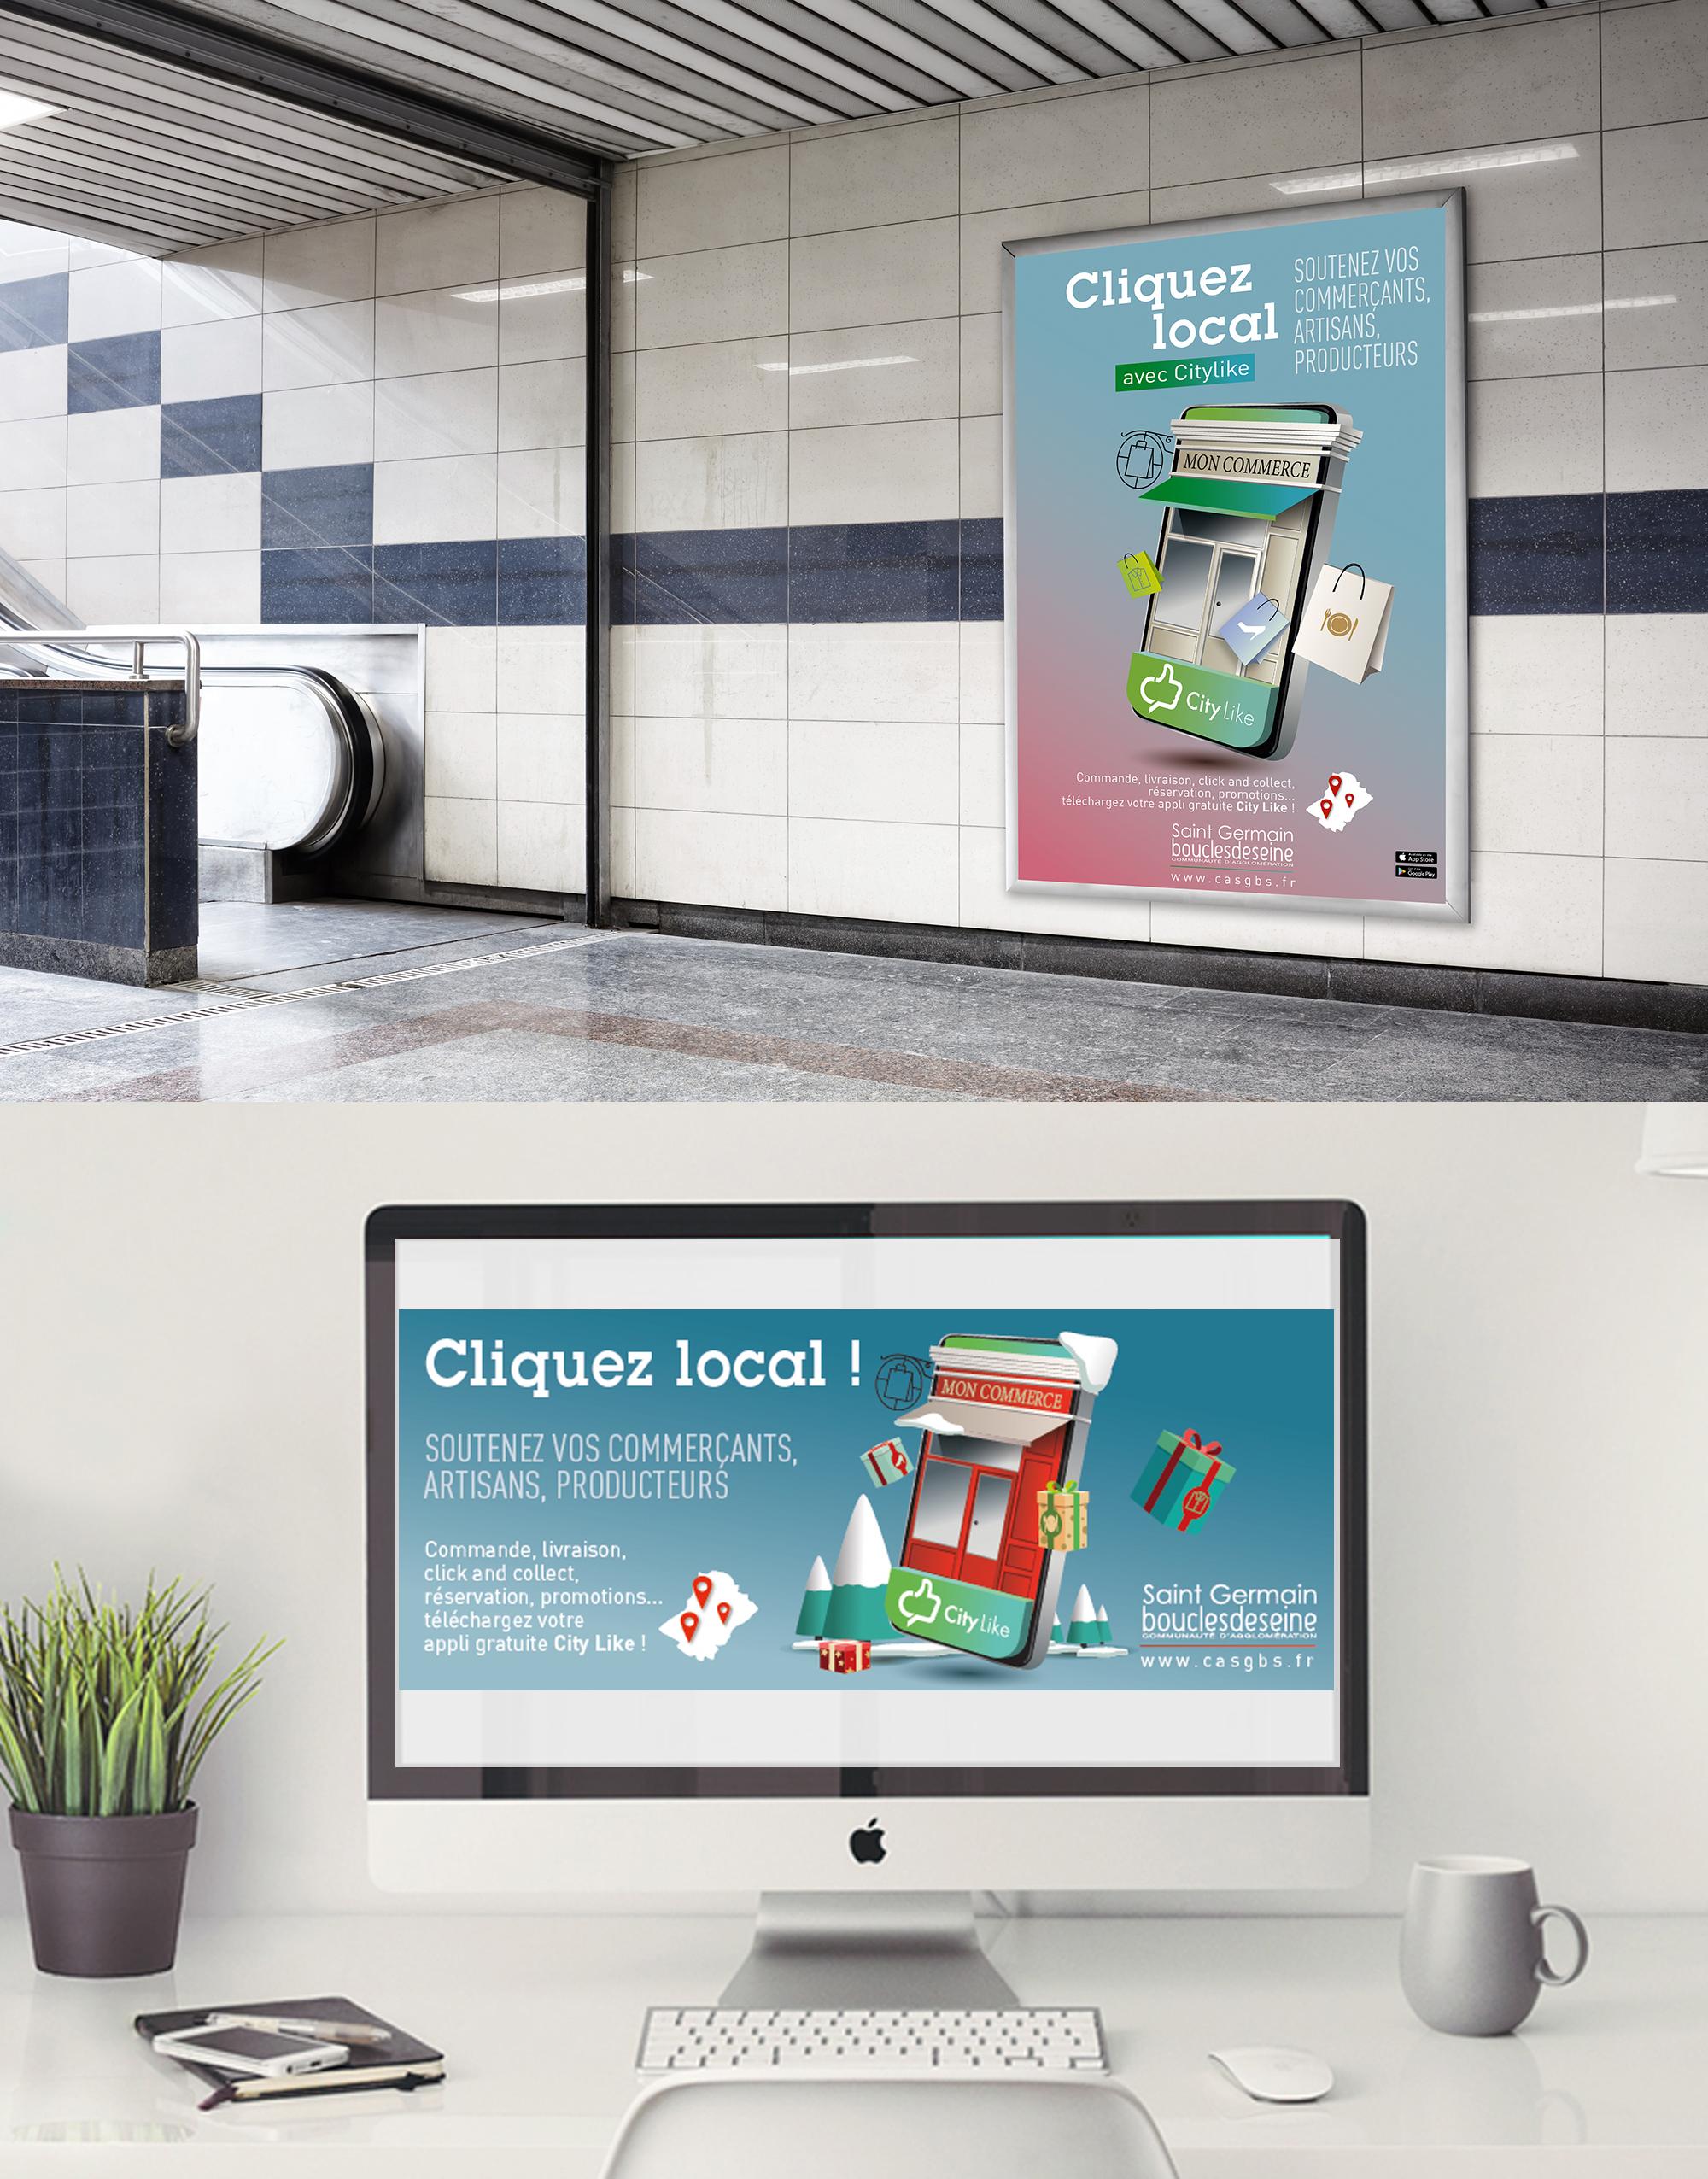 affiche création campagne communication citylike paris commerces commerçants publicité saint germain boucles de seine